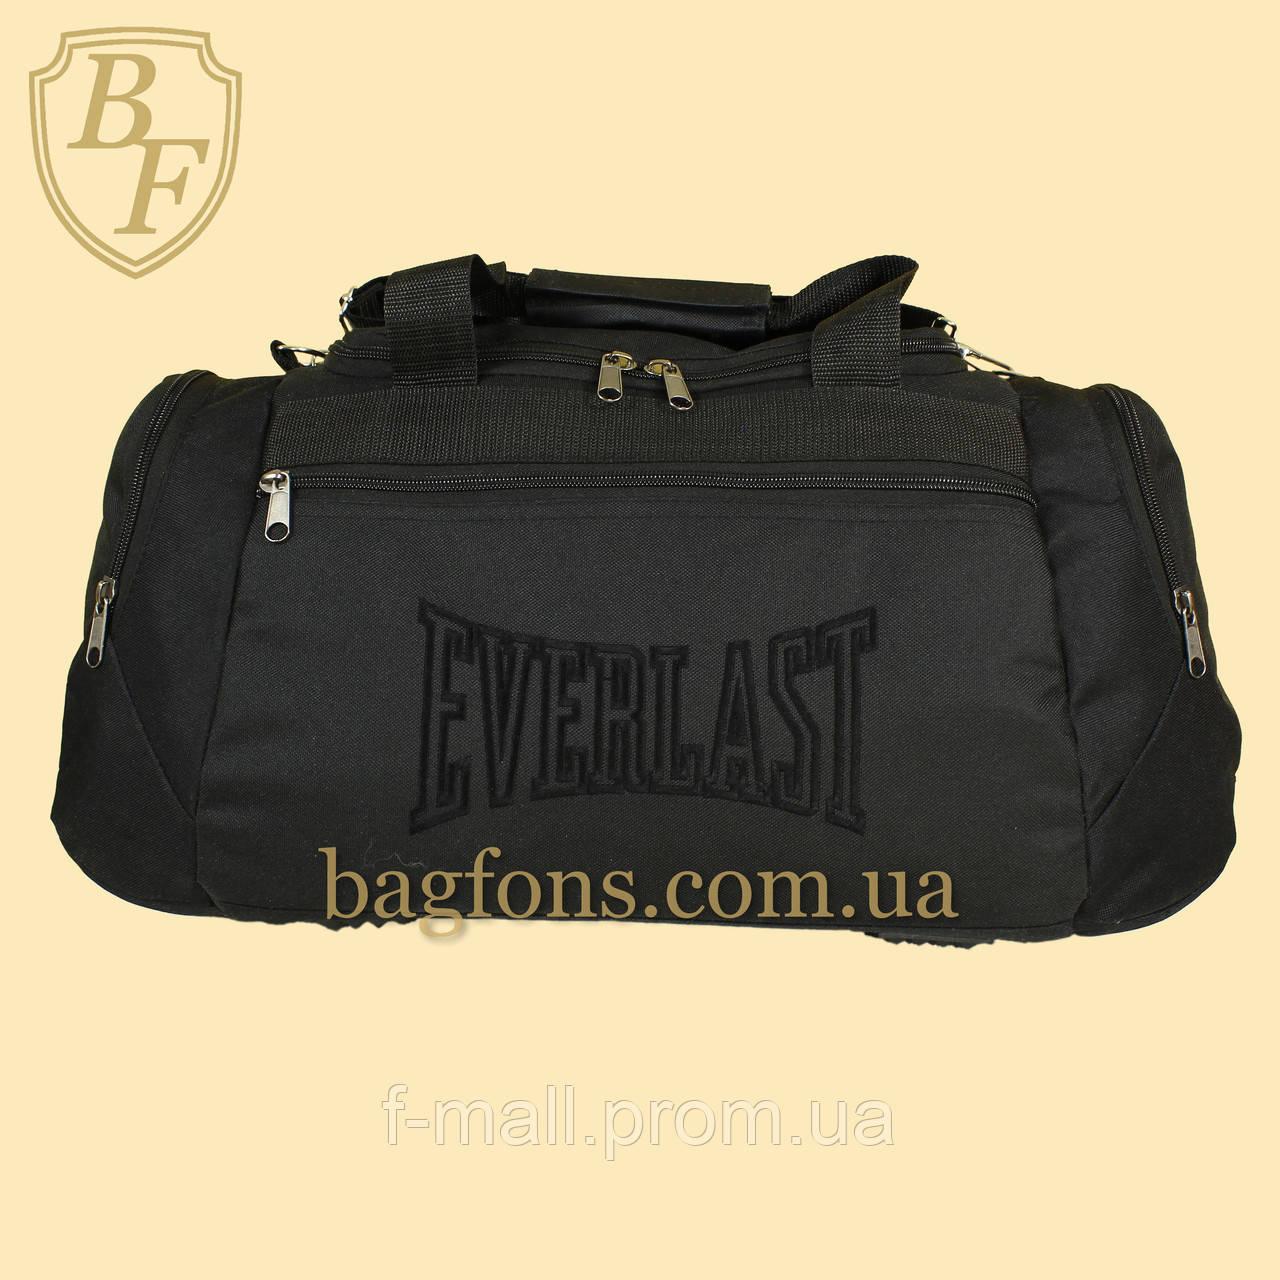 Дорожная спортивная сумка  EVERLAST -40л.